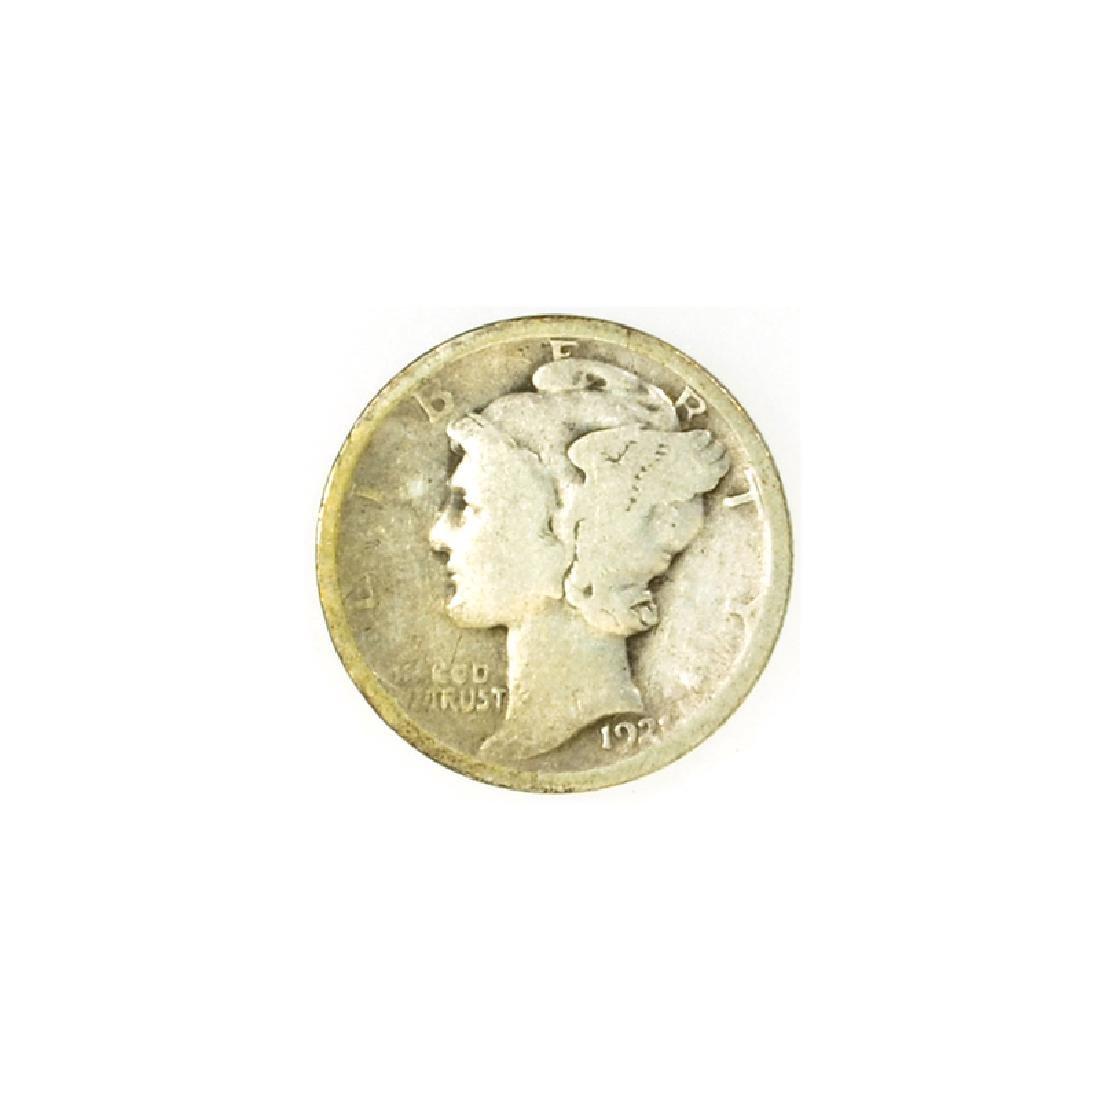 1921 Mercury Dime Coin